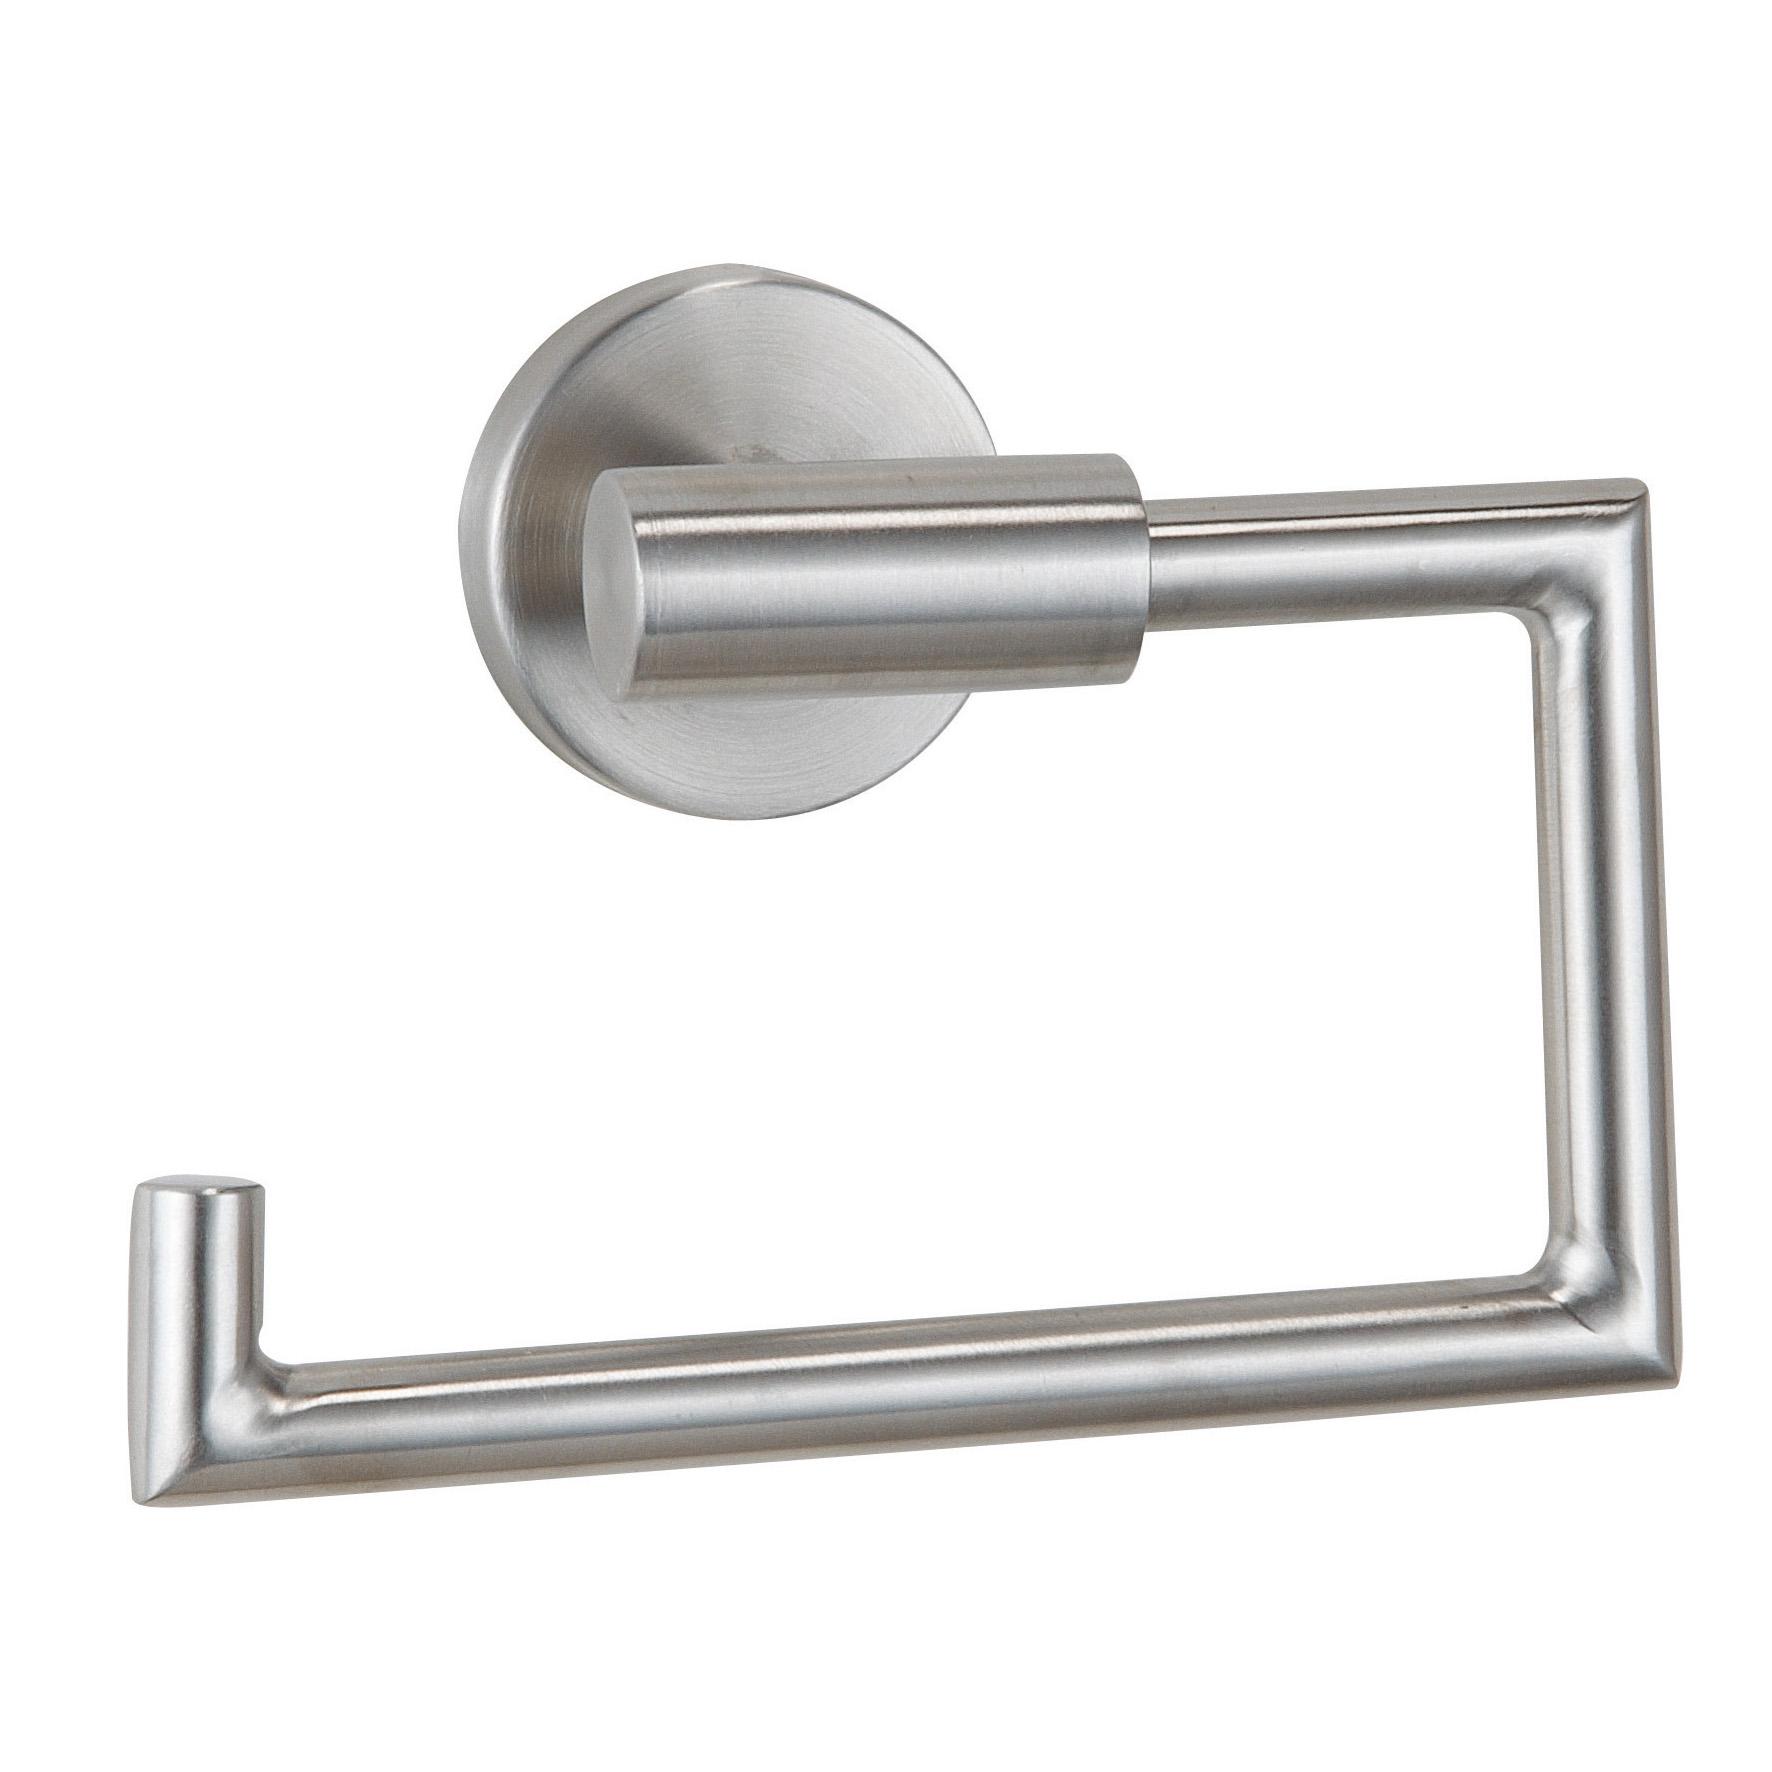 Держатель для туалетной бумаги Axentia, 15,5 х 6 х 11 см116945Держатель для туалетной бумаги Axentia изготовлен из высококачественной нержавеющей стали. Изделие крепится на стену с помощью шурупов (входят в комплект). Держатель поможет оформить интерьер в выбранном стиле, разбавляя пространство туалетной комнаты различными элементами. Он хорошо впишется в любой интерьер, придавая ему черты современности. Размер держателя: 15,5 х 6 х 11 см.